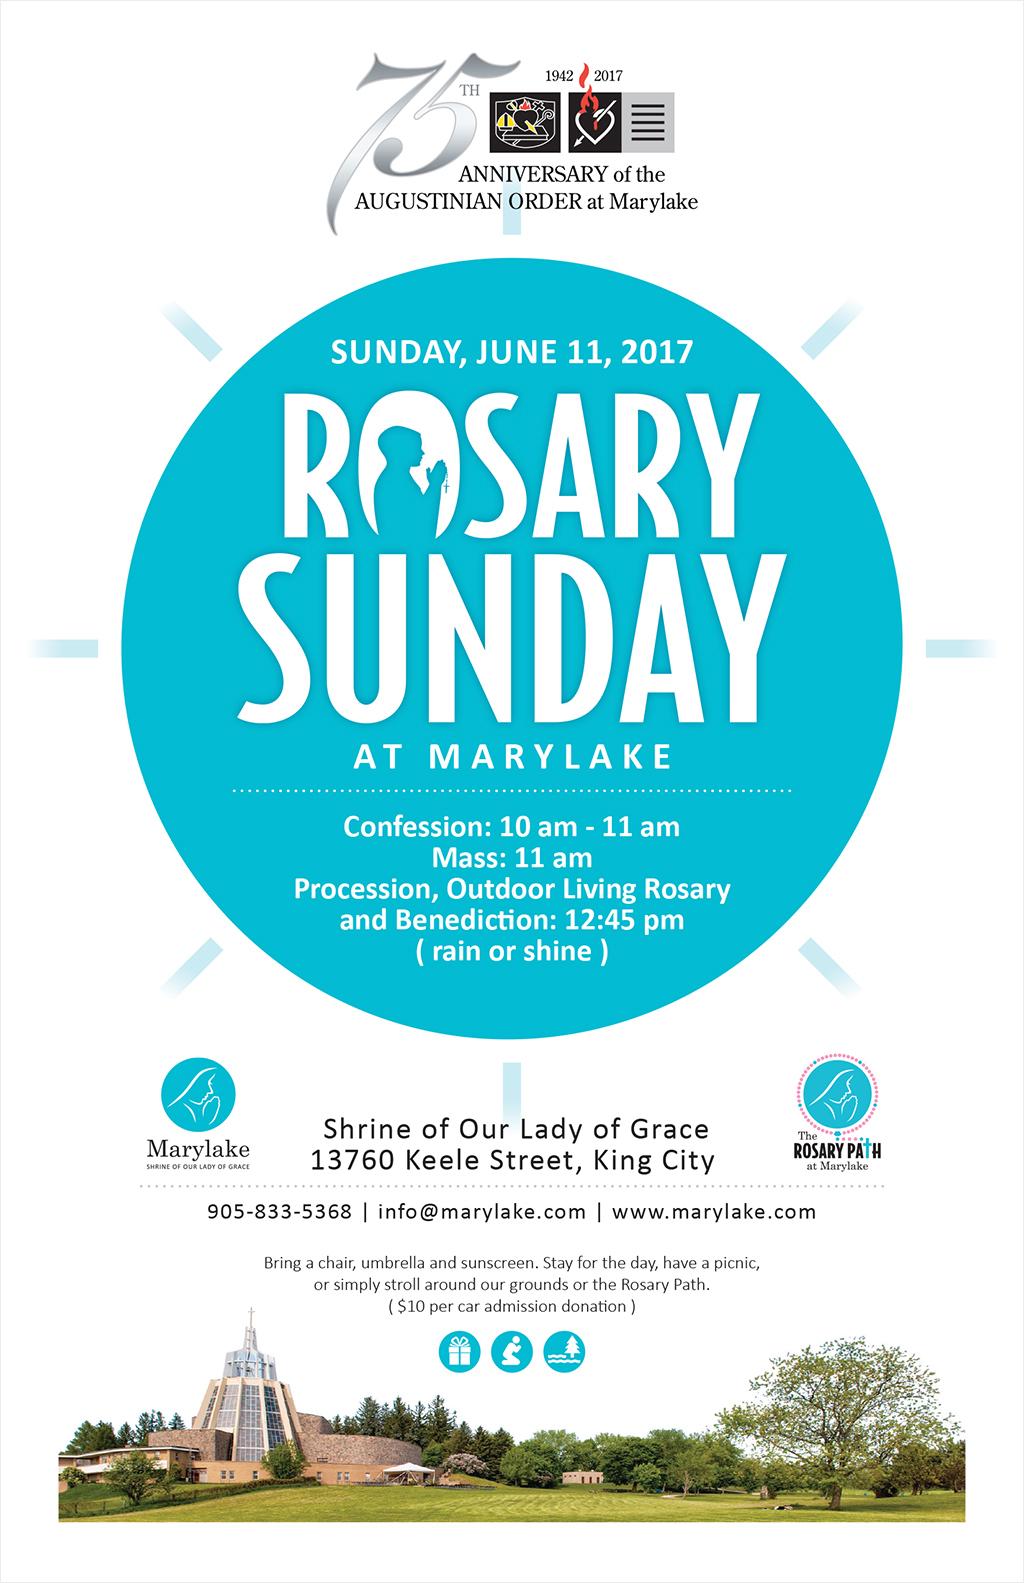 Marylake_Rosary_Sunday_2017